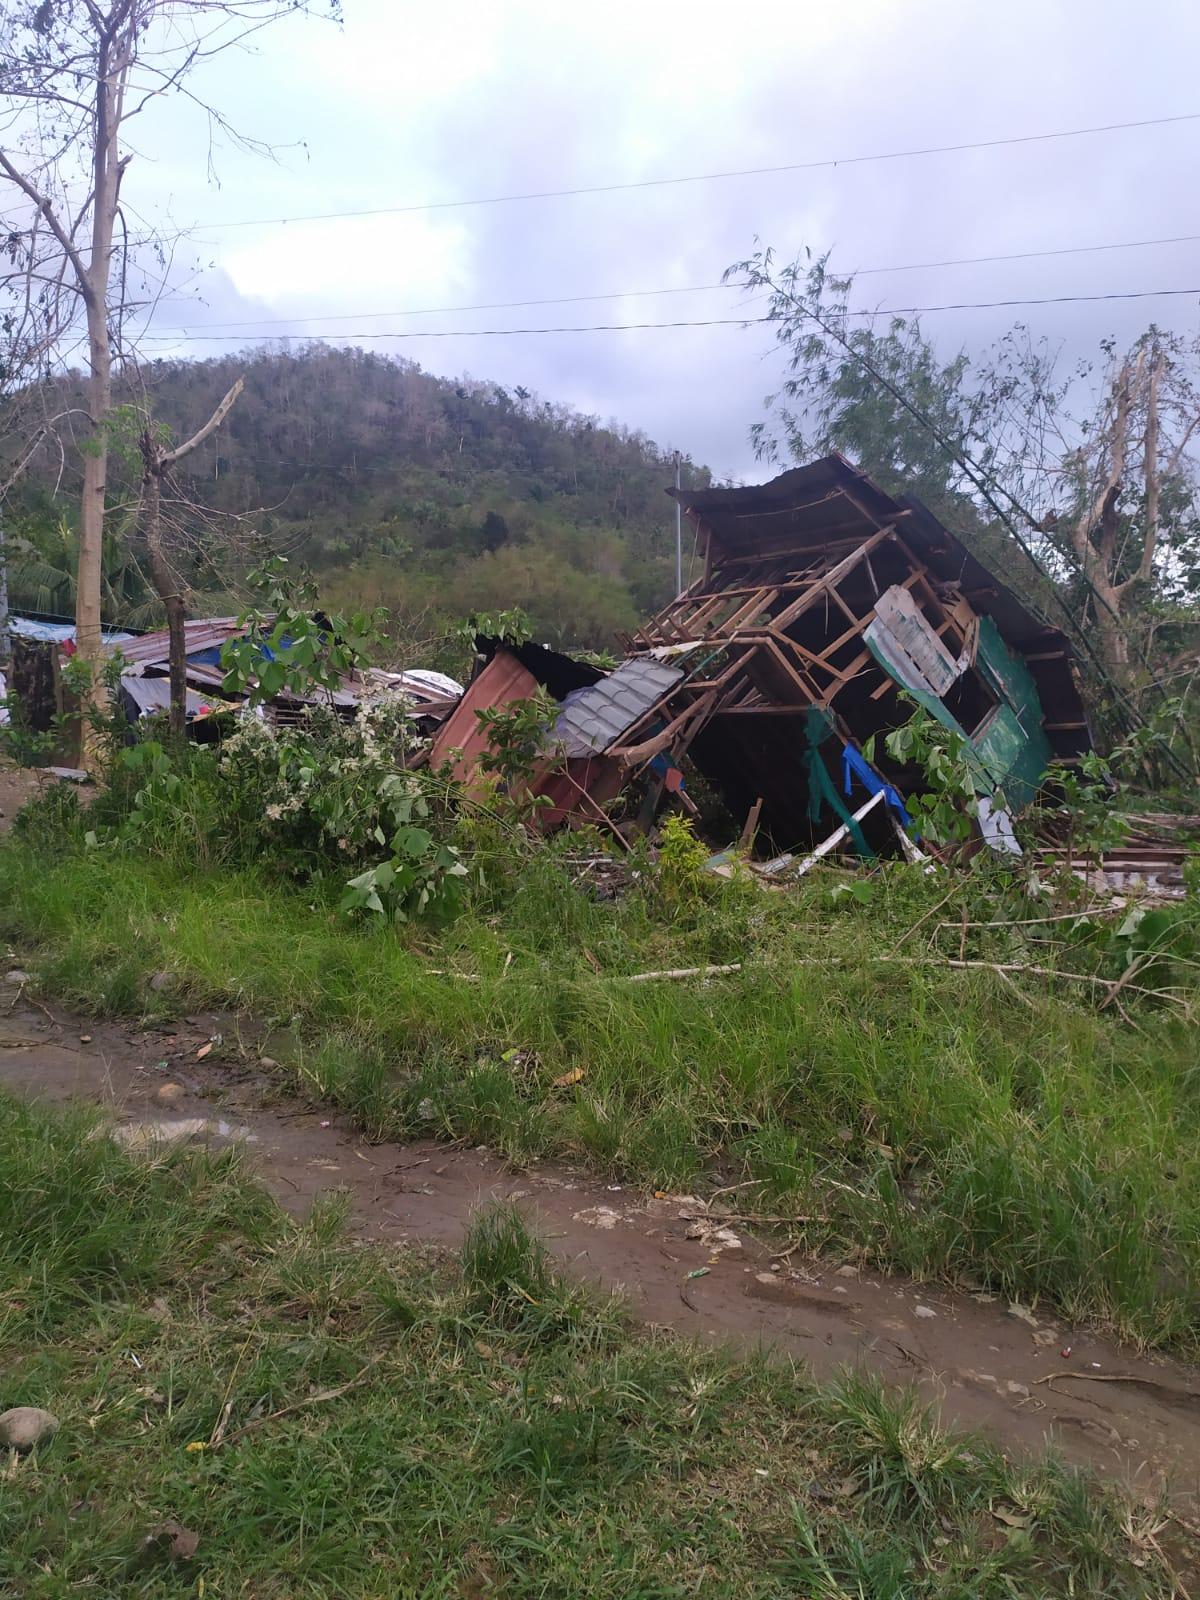 Maison à Tacloban. Tout le quartier a été ravagé par le typhon. ©Maeva, volontaire aux Philippines